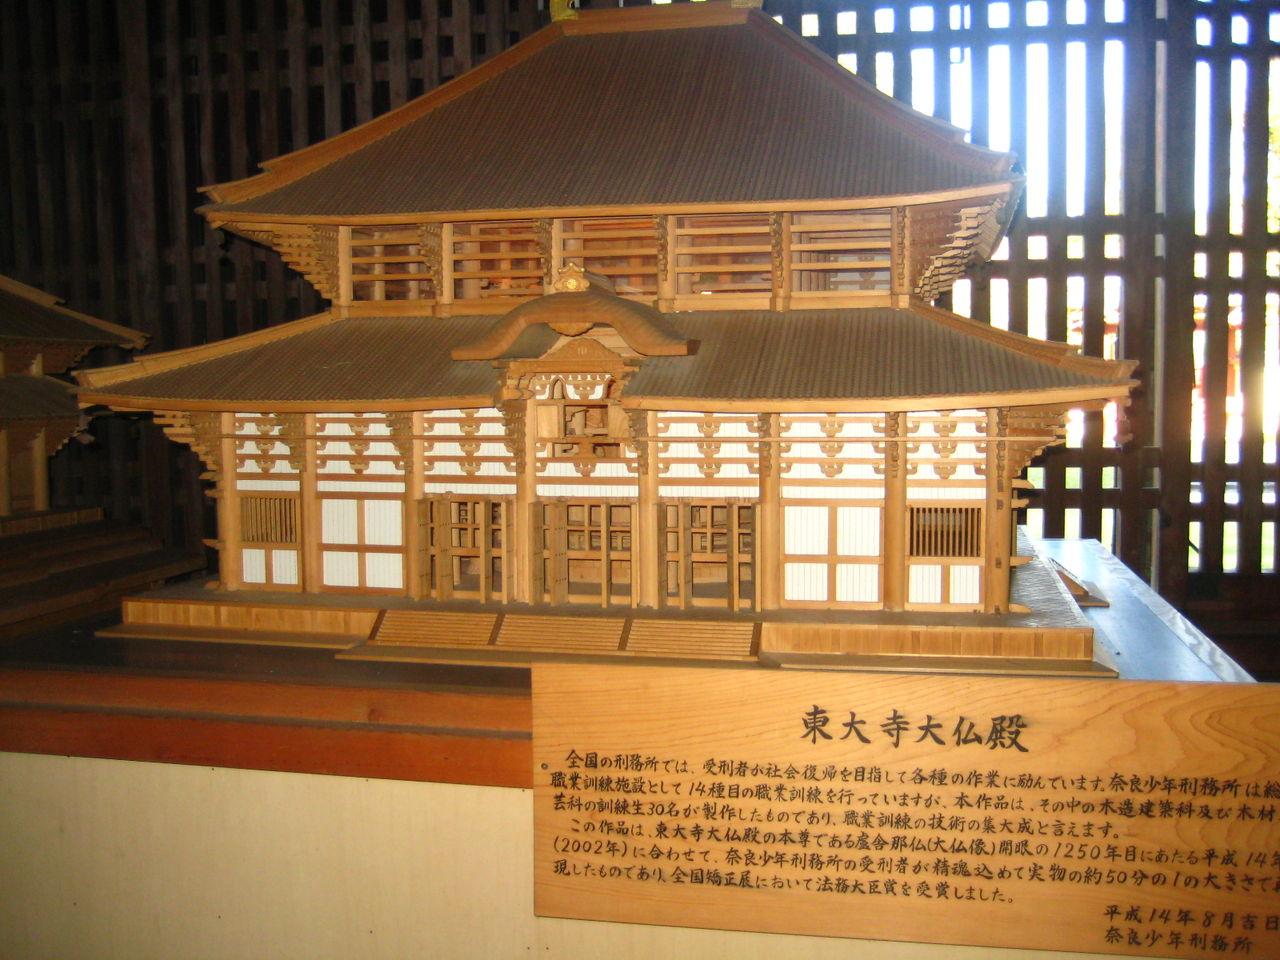 東大寺大仏殿模型